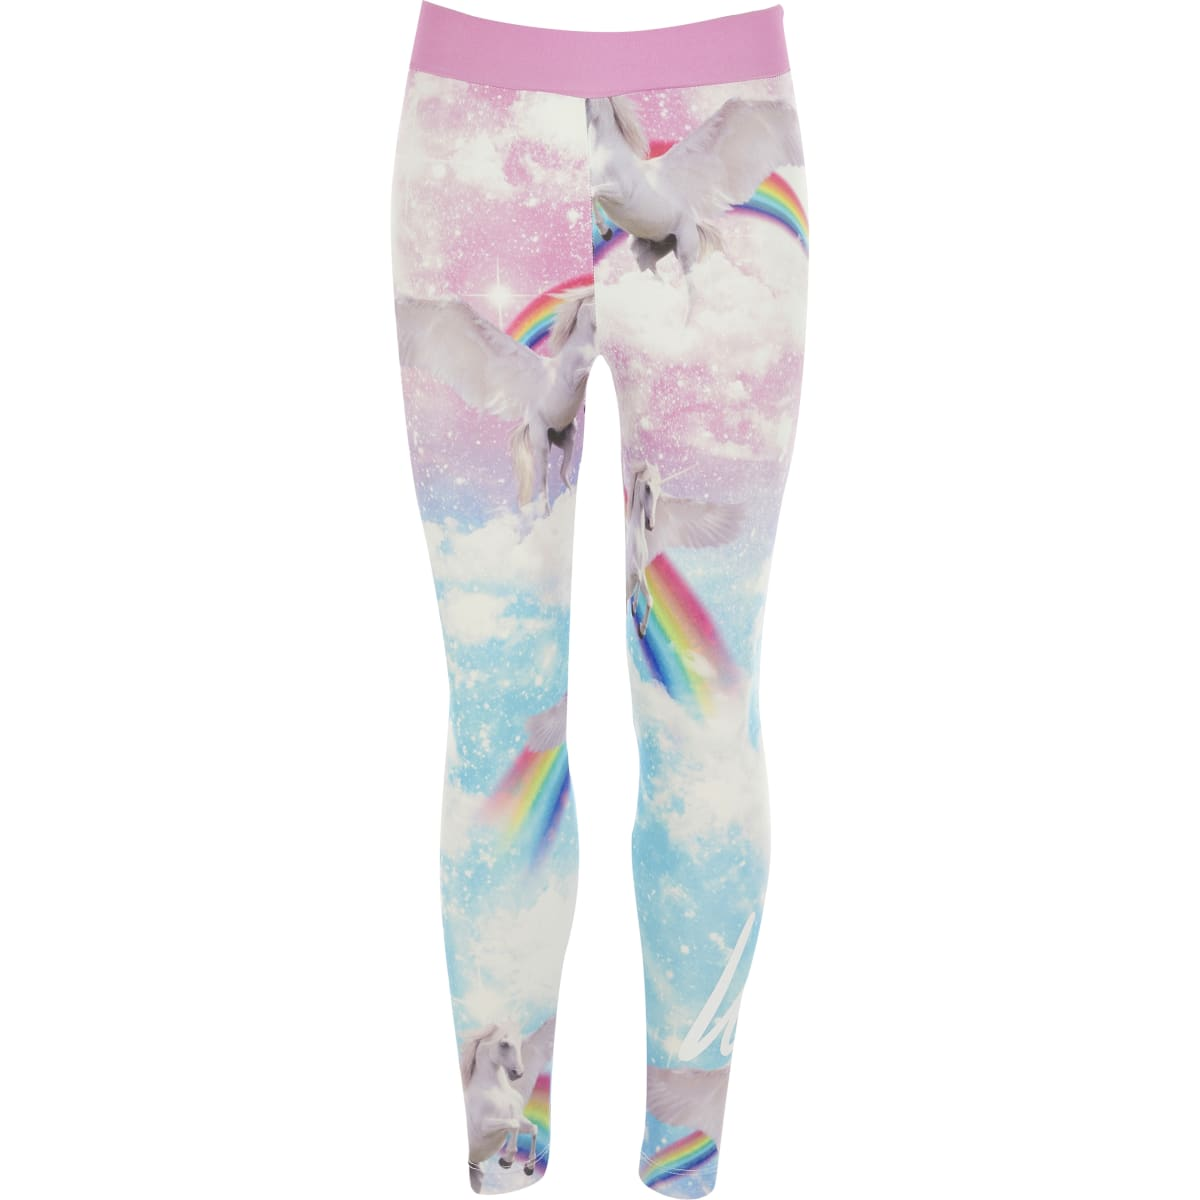 Hype - Roze legging met eenhoornprint voor meisjes